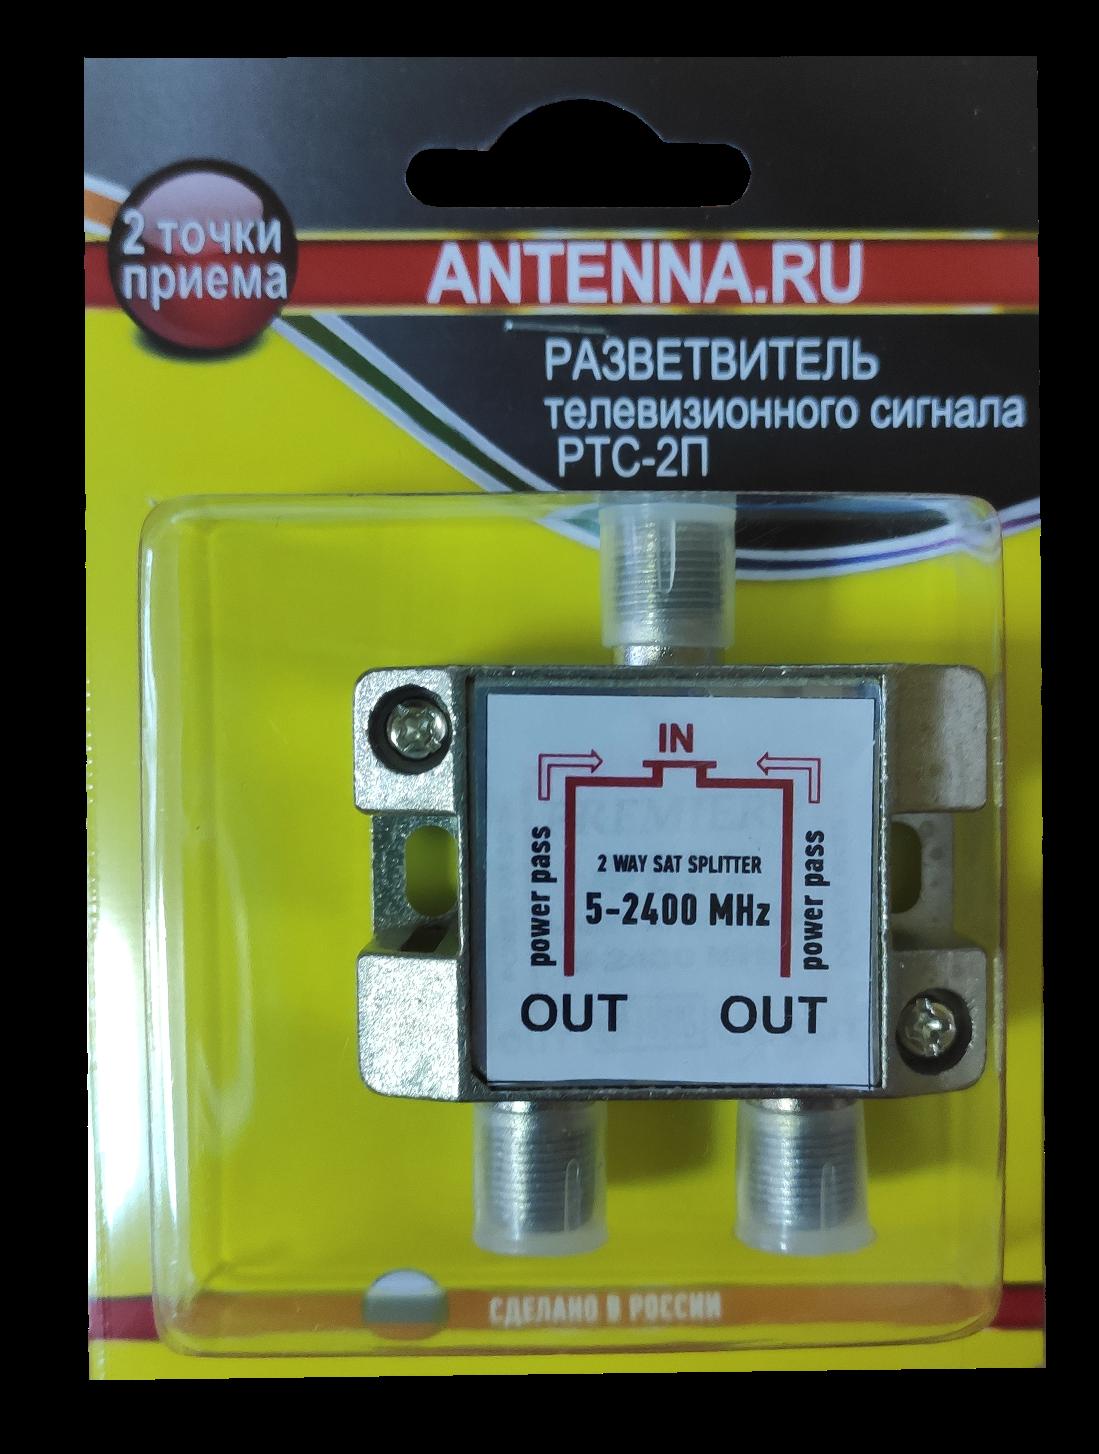 Разветвитель телевизионного сигнала делитель РТСД-2П